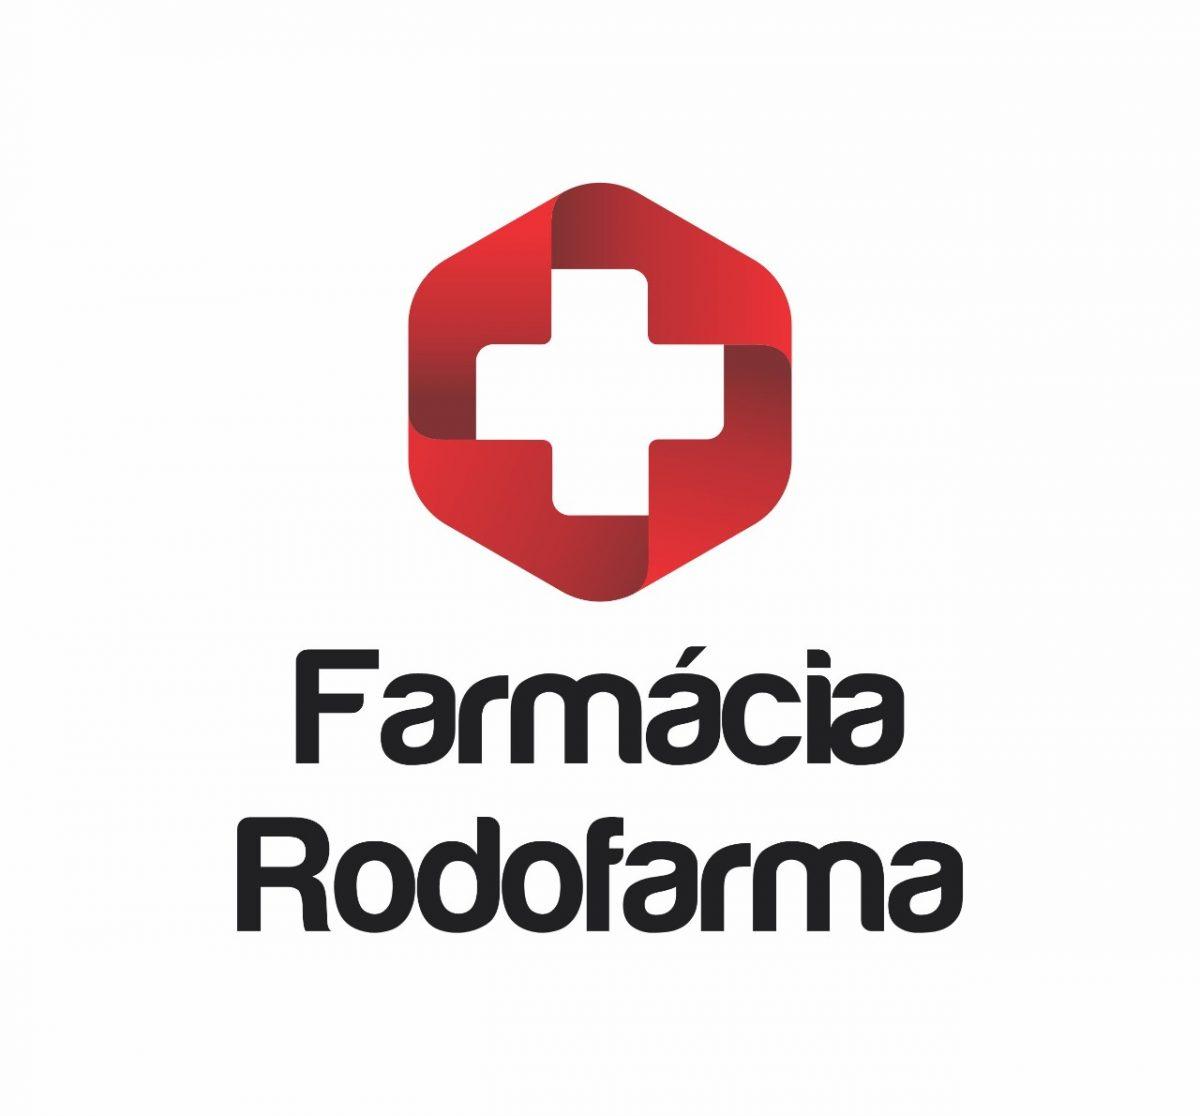 Rodofarma